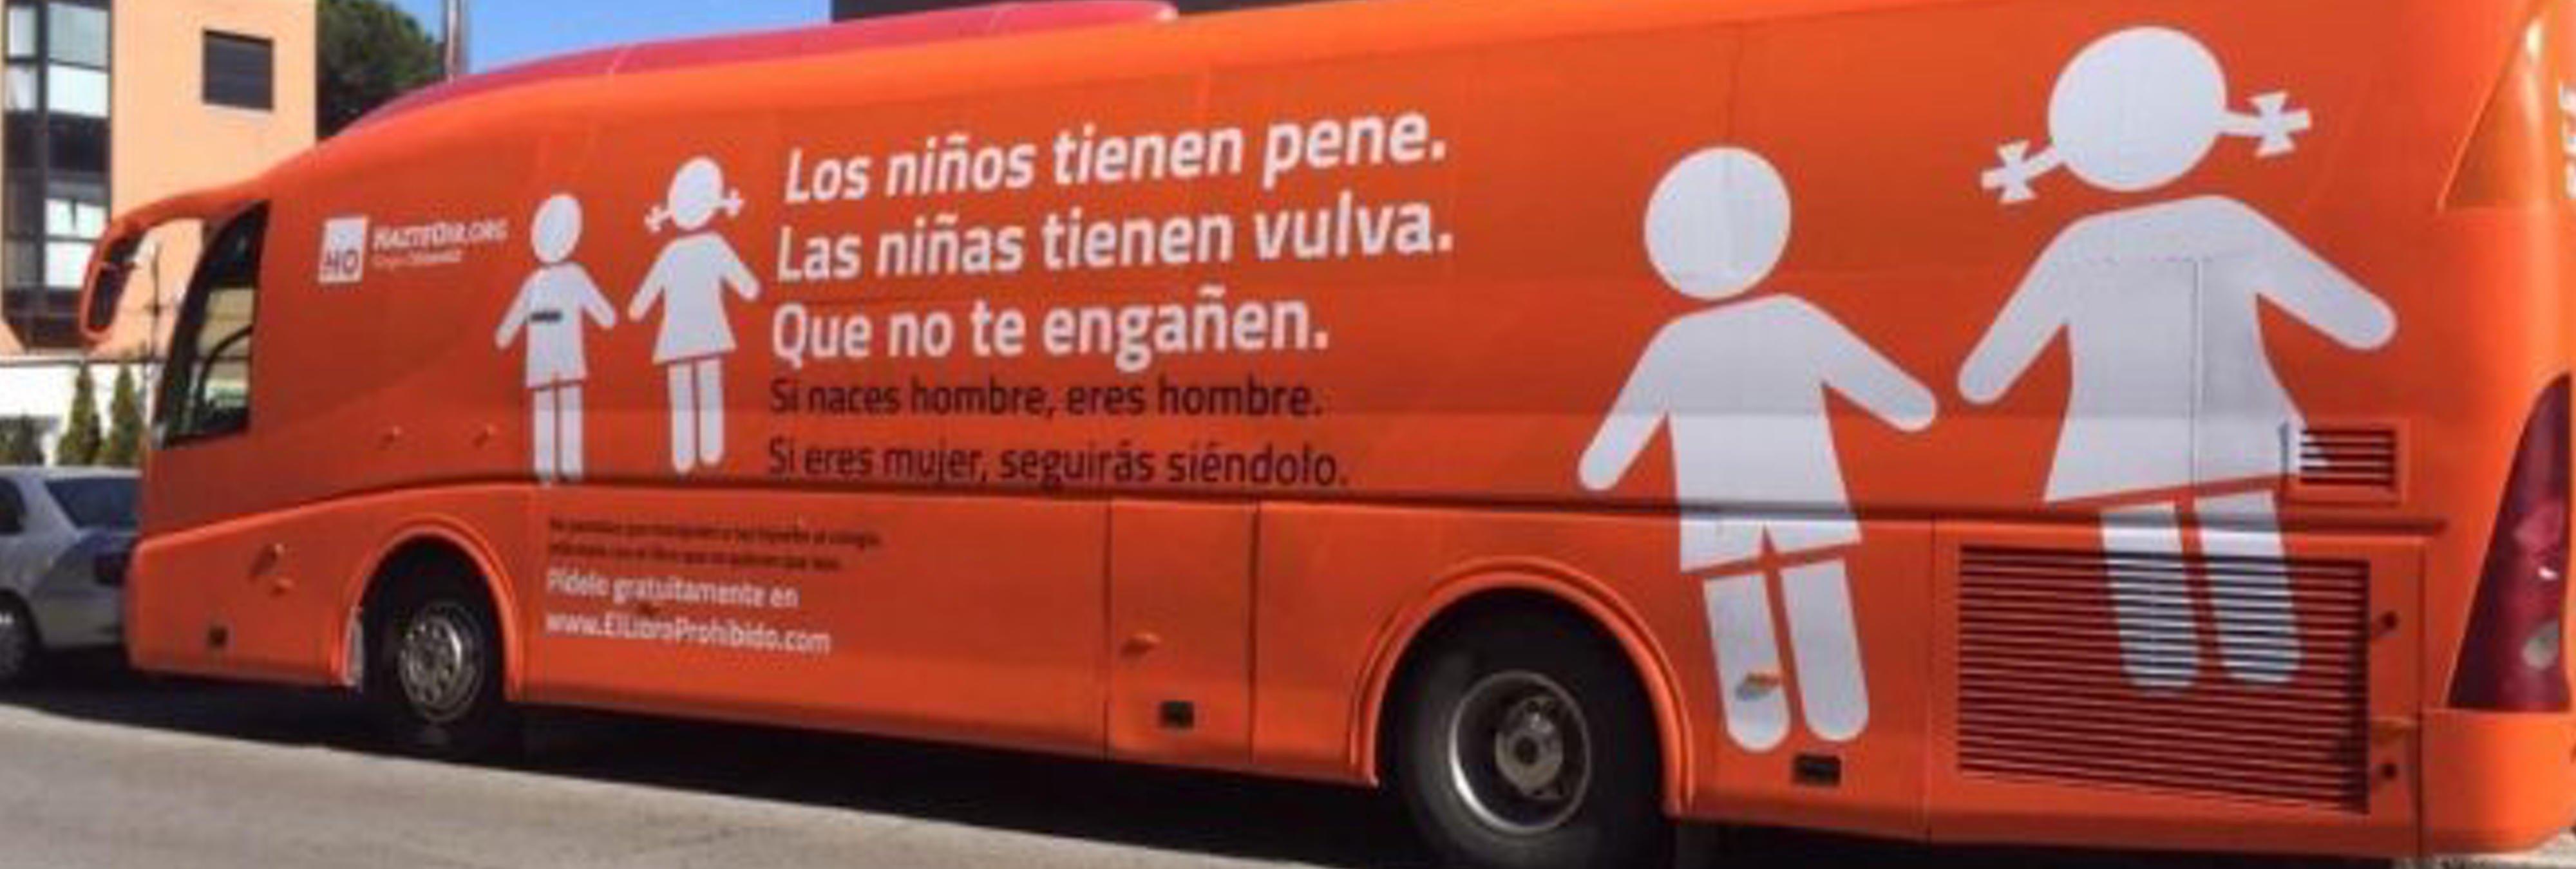 El asqueroso autobús transfóbico de los ultras de Hazte Oír que pretende dar la vuelta a España